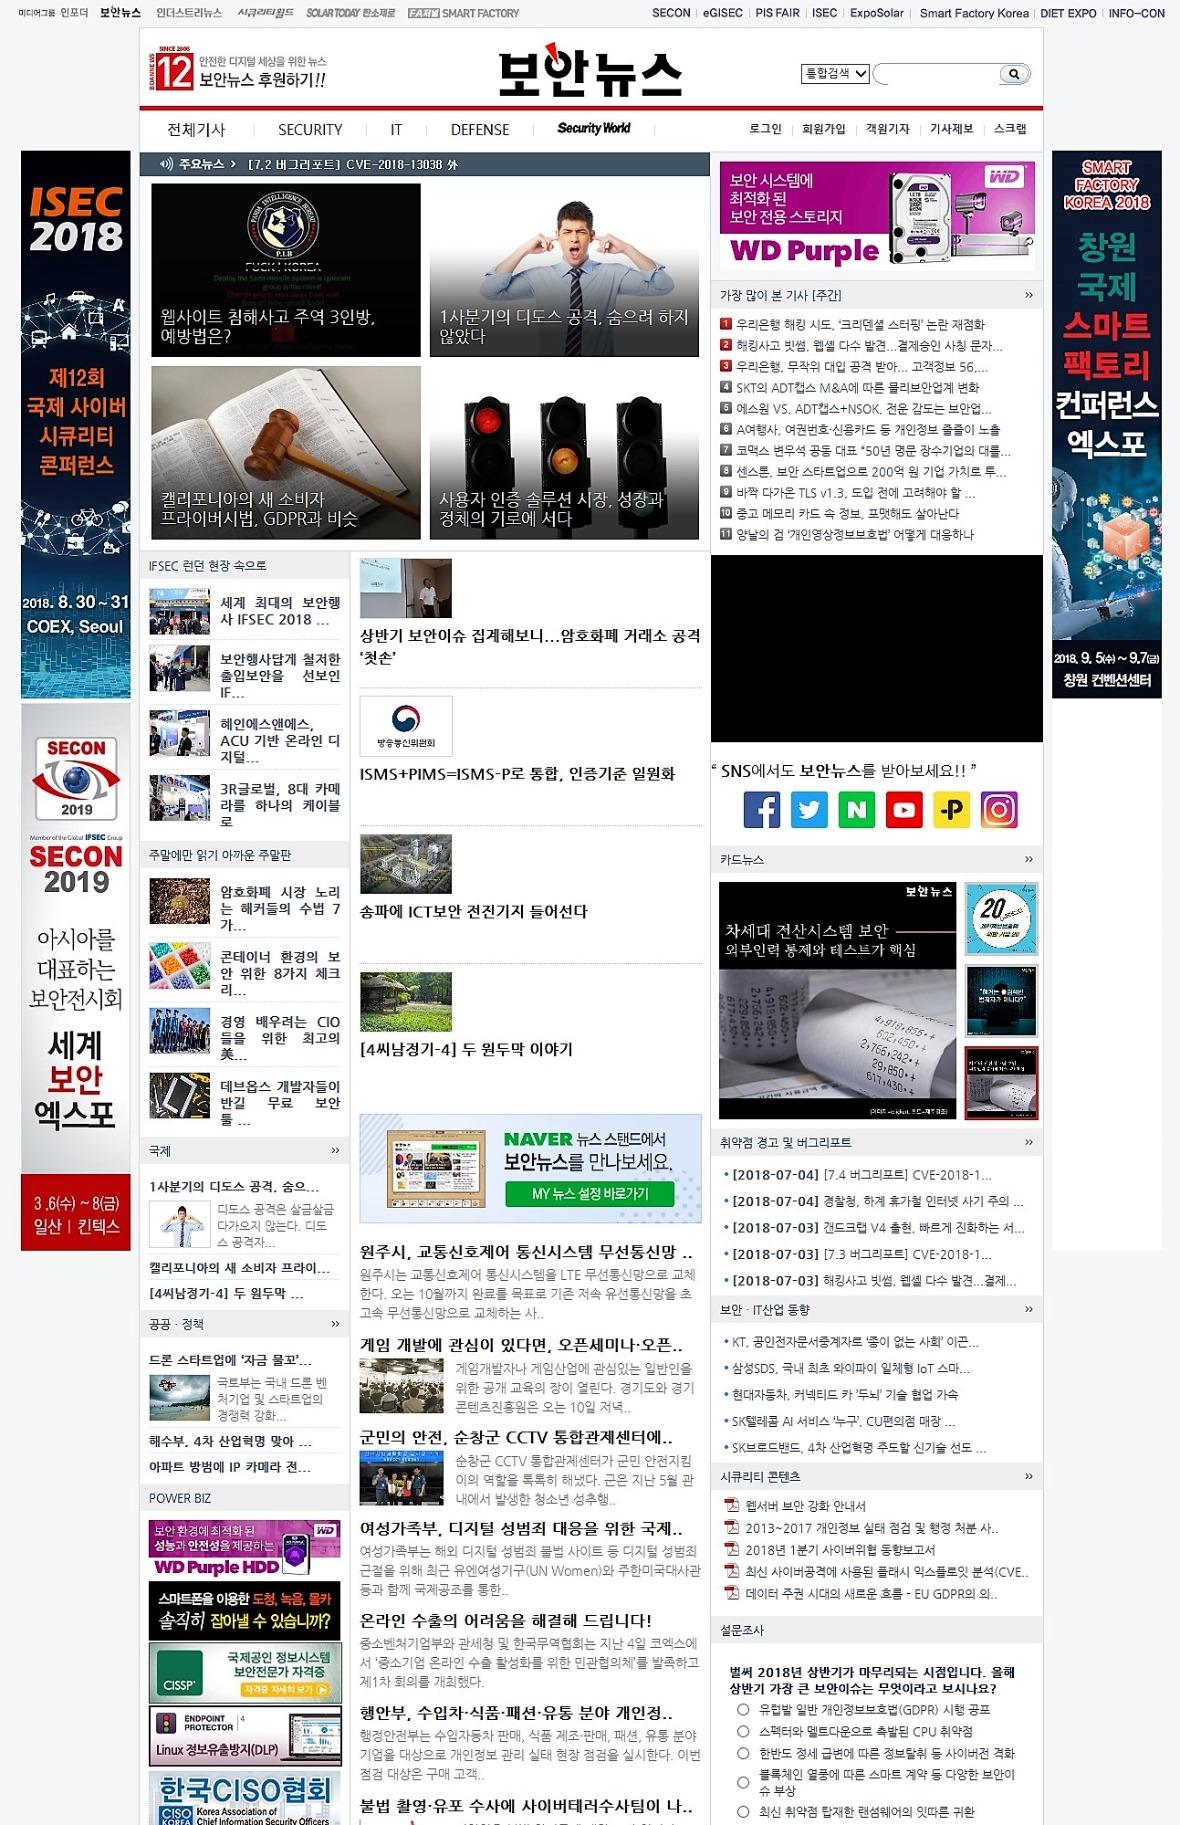 보안뉴스_사진.jpg